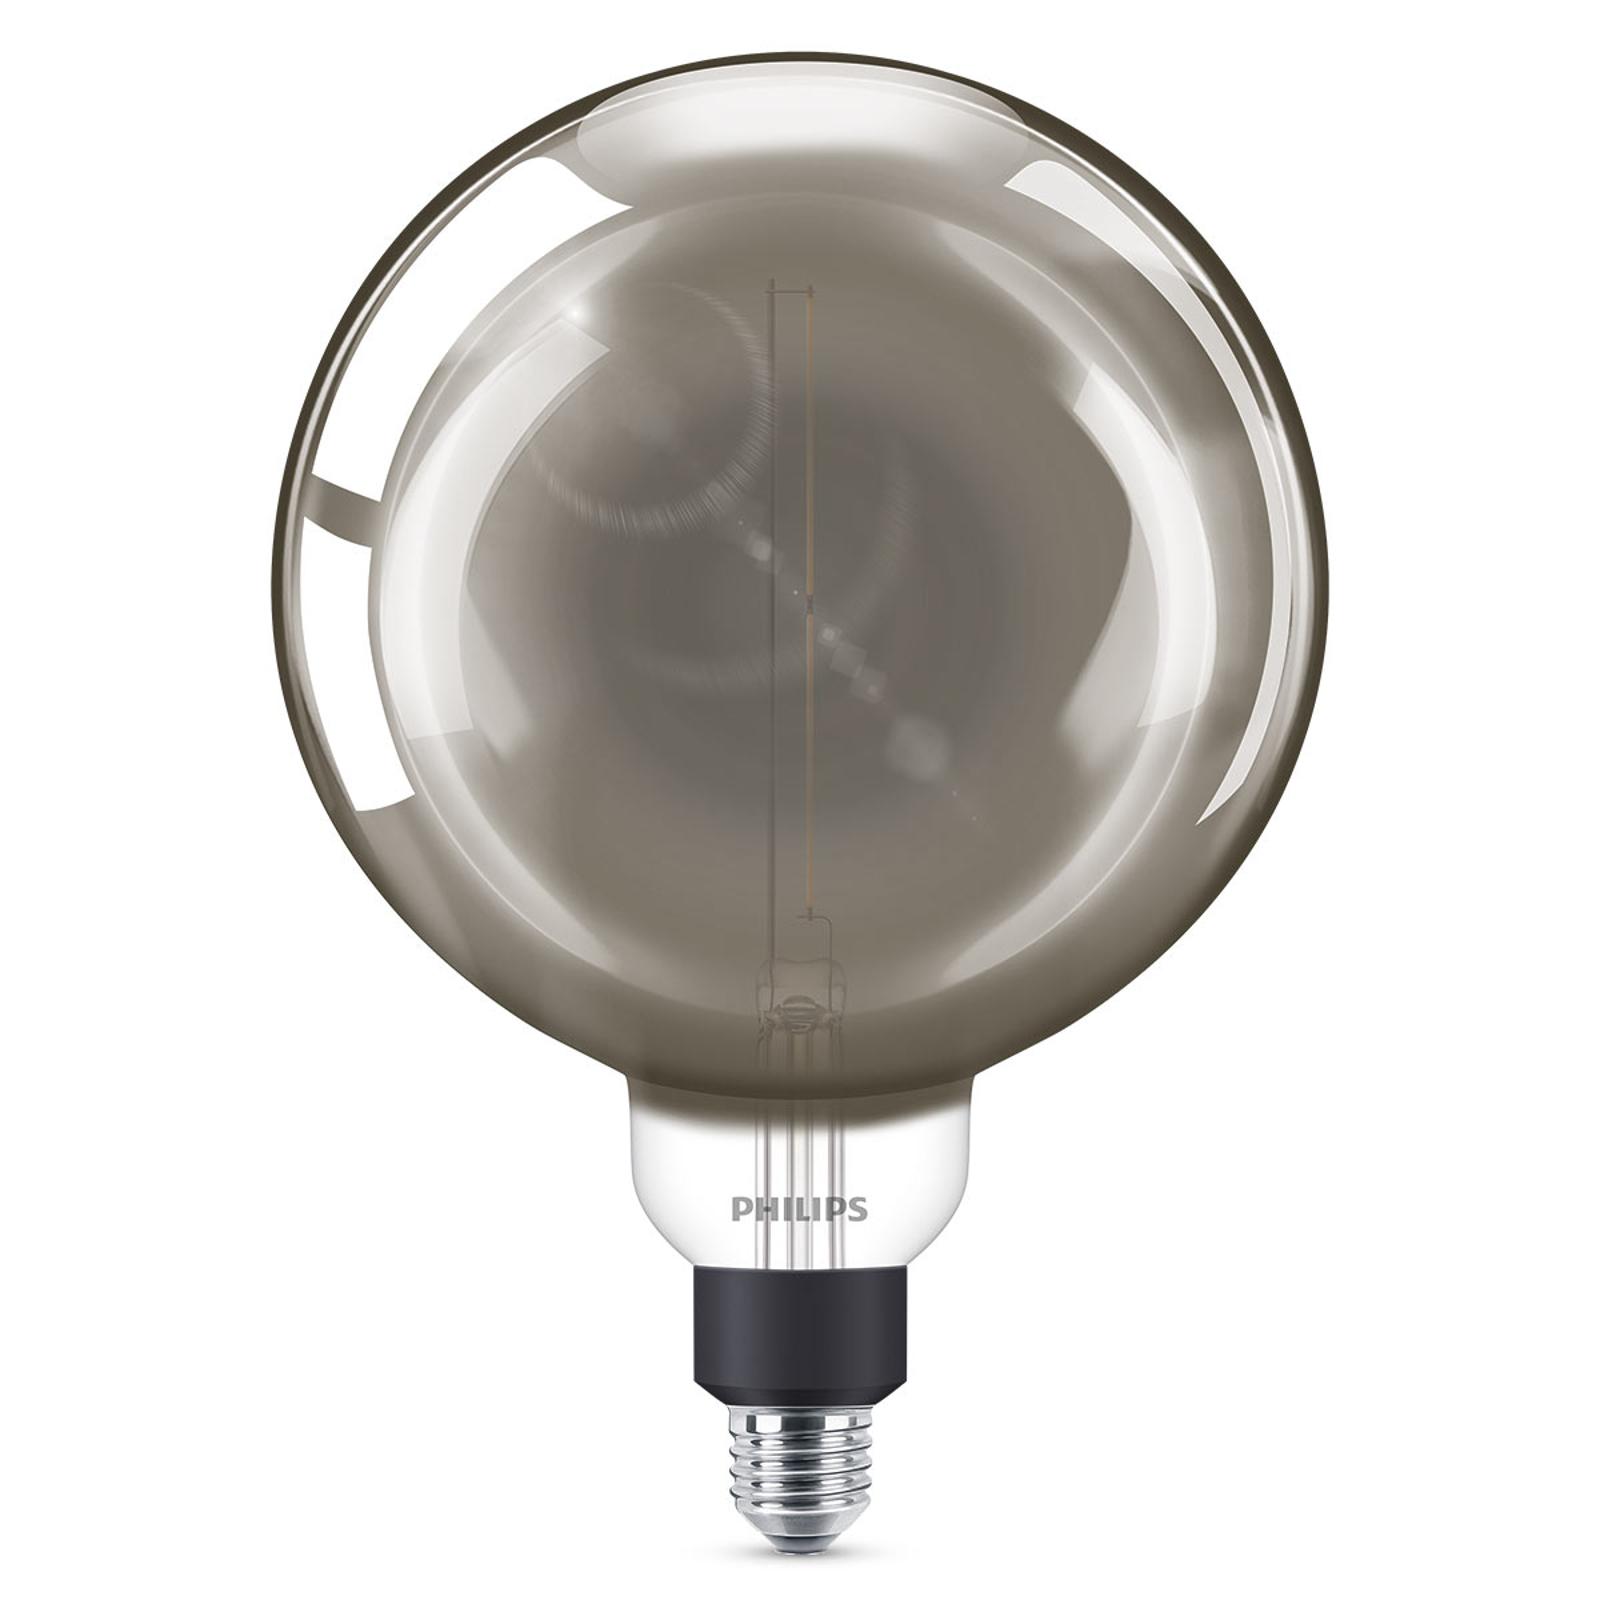 Philips E27 Giant żarówka globe kulista LED 6,5W